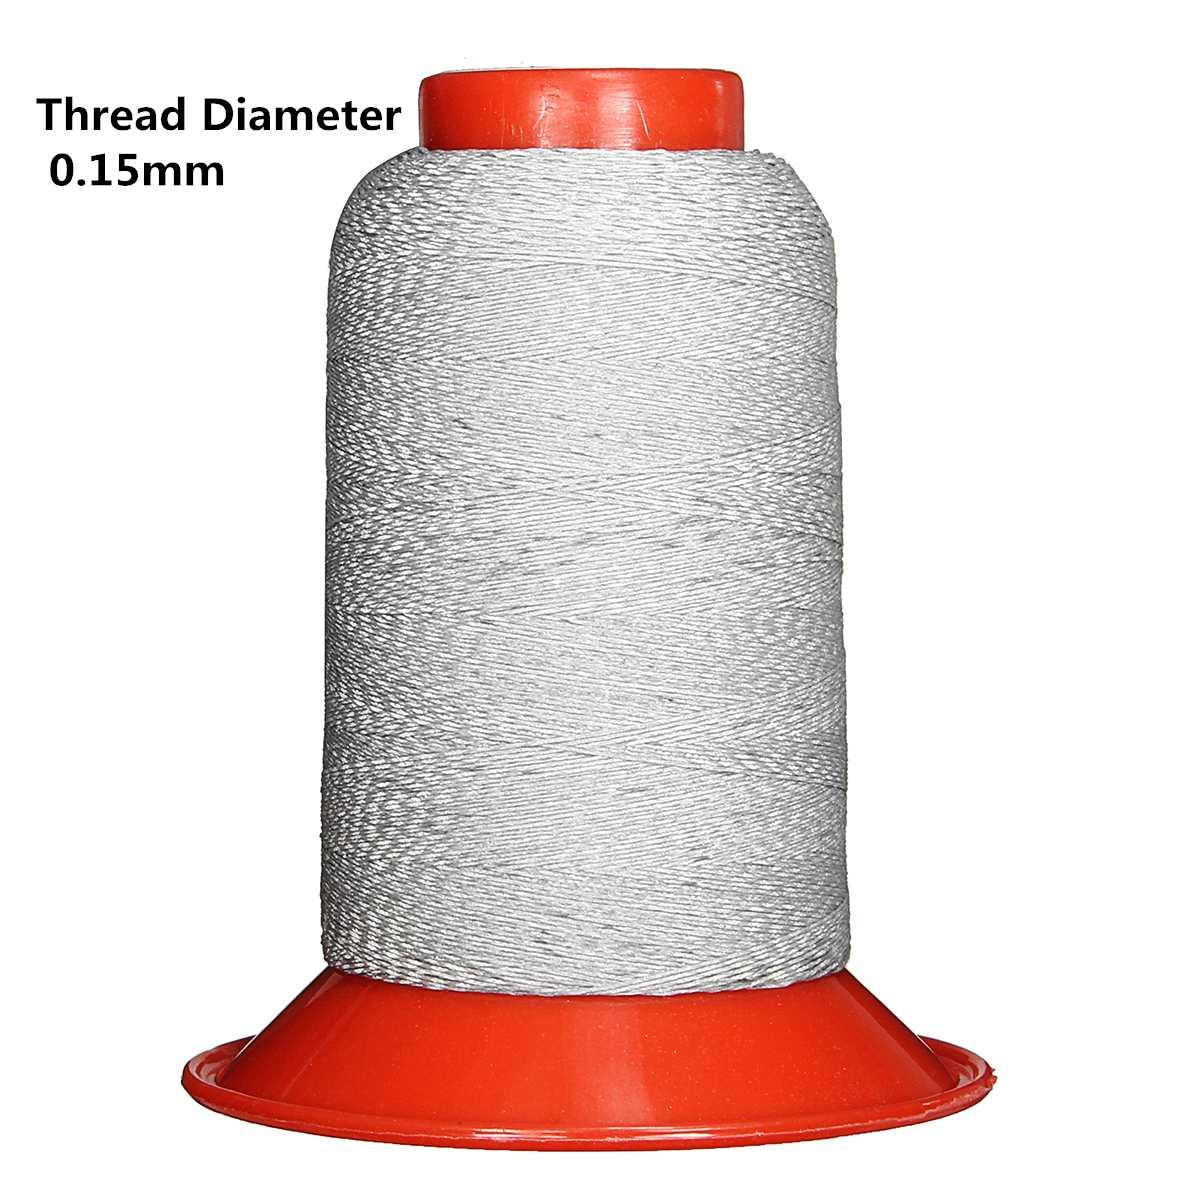 Нить для шитья из полиэстера светоотражающий 1000 м/рулон диаметром 0,5 мм/0,3/0,25/0,15 мм DIY Швейные для безопасной работы с химическими веществами Кепки Костюмы серебристо-серый - Цвет: Thread Dia 0.15mm